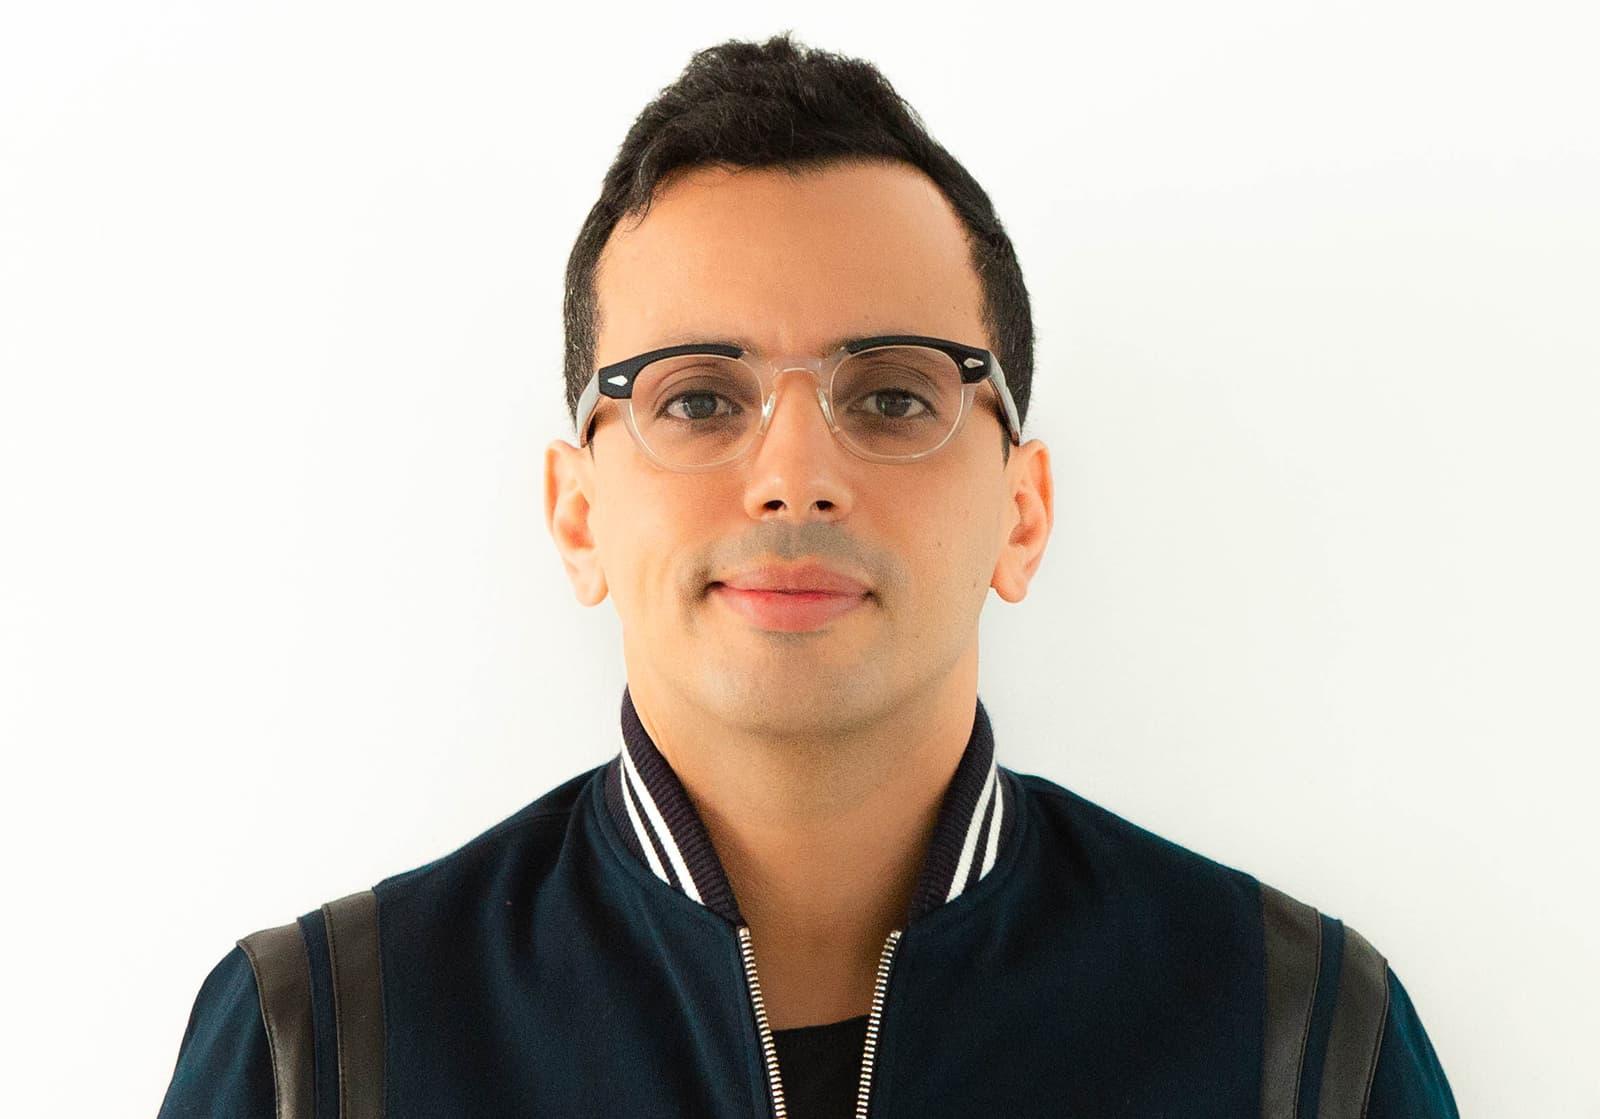 El Mehdi Benslim cherche à redéfinir les règles du marché publicitaire